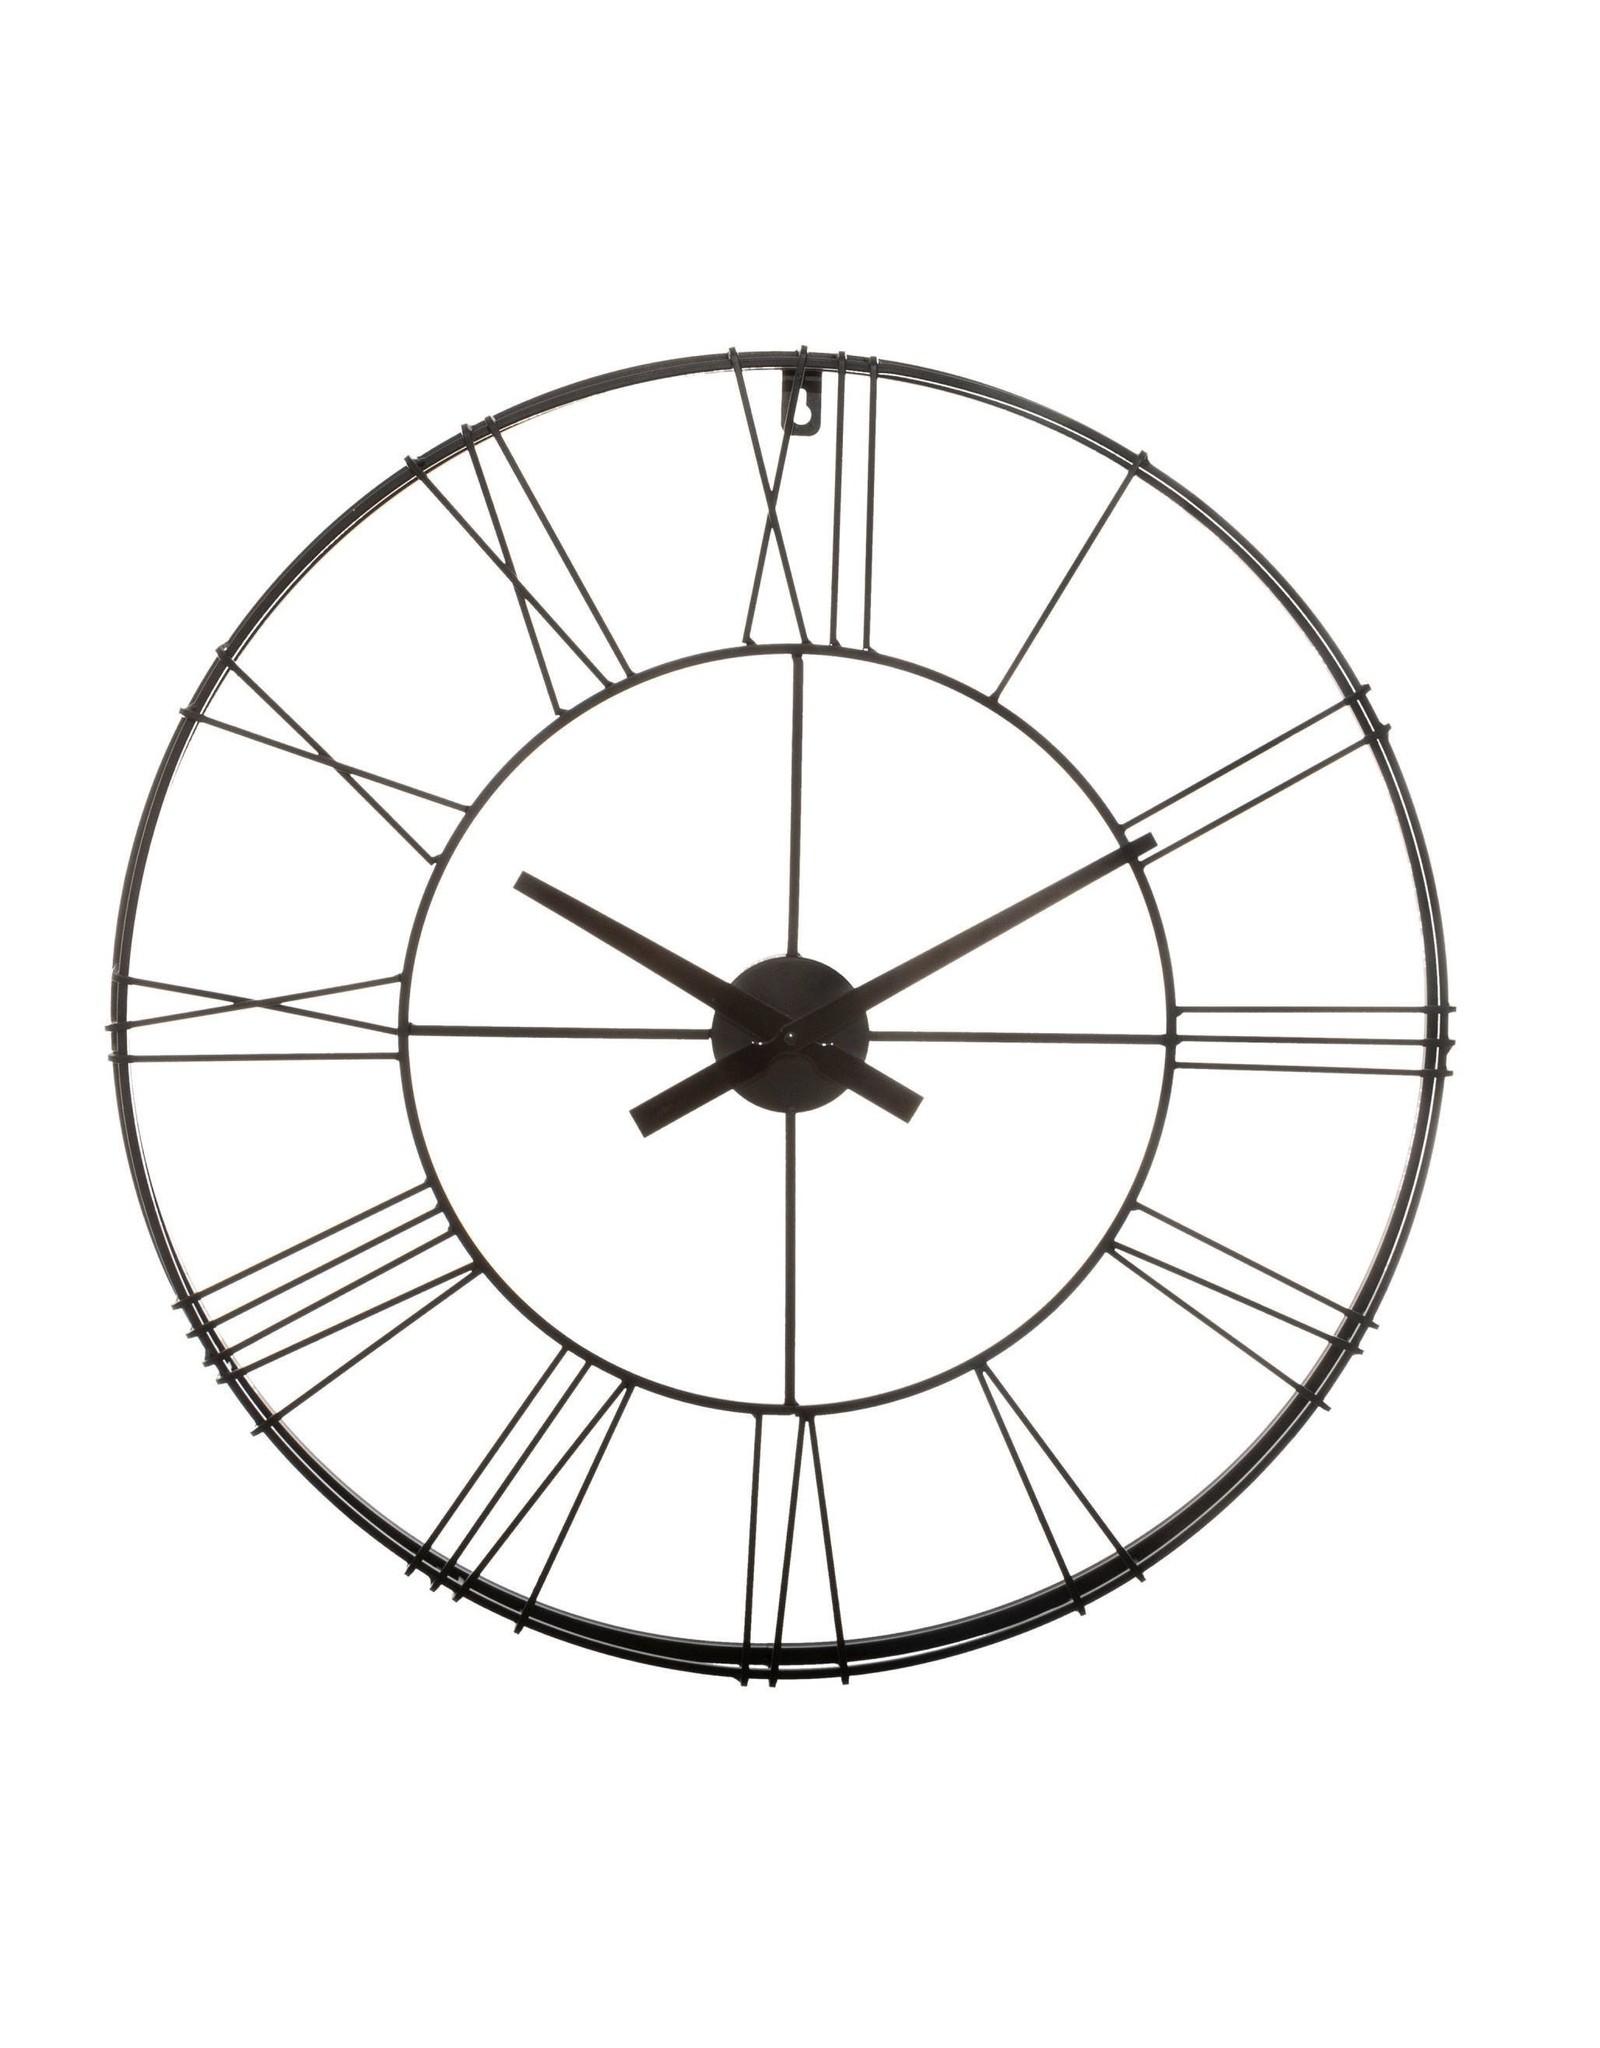 Atmosphera Atmosphera - Industriële Wandklok - Diameter Ø70 cm